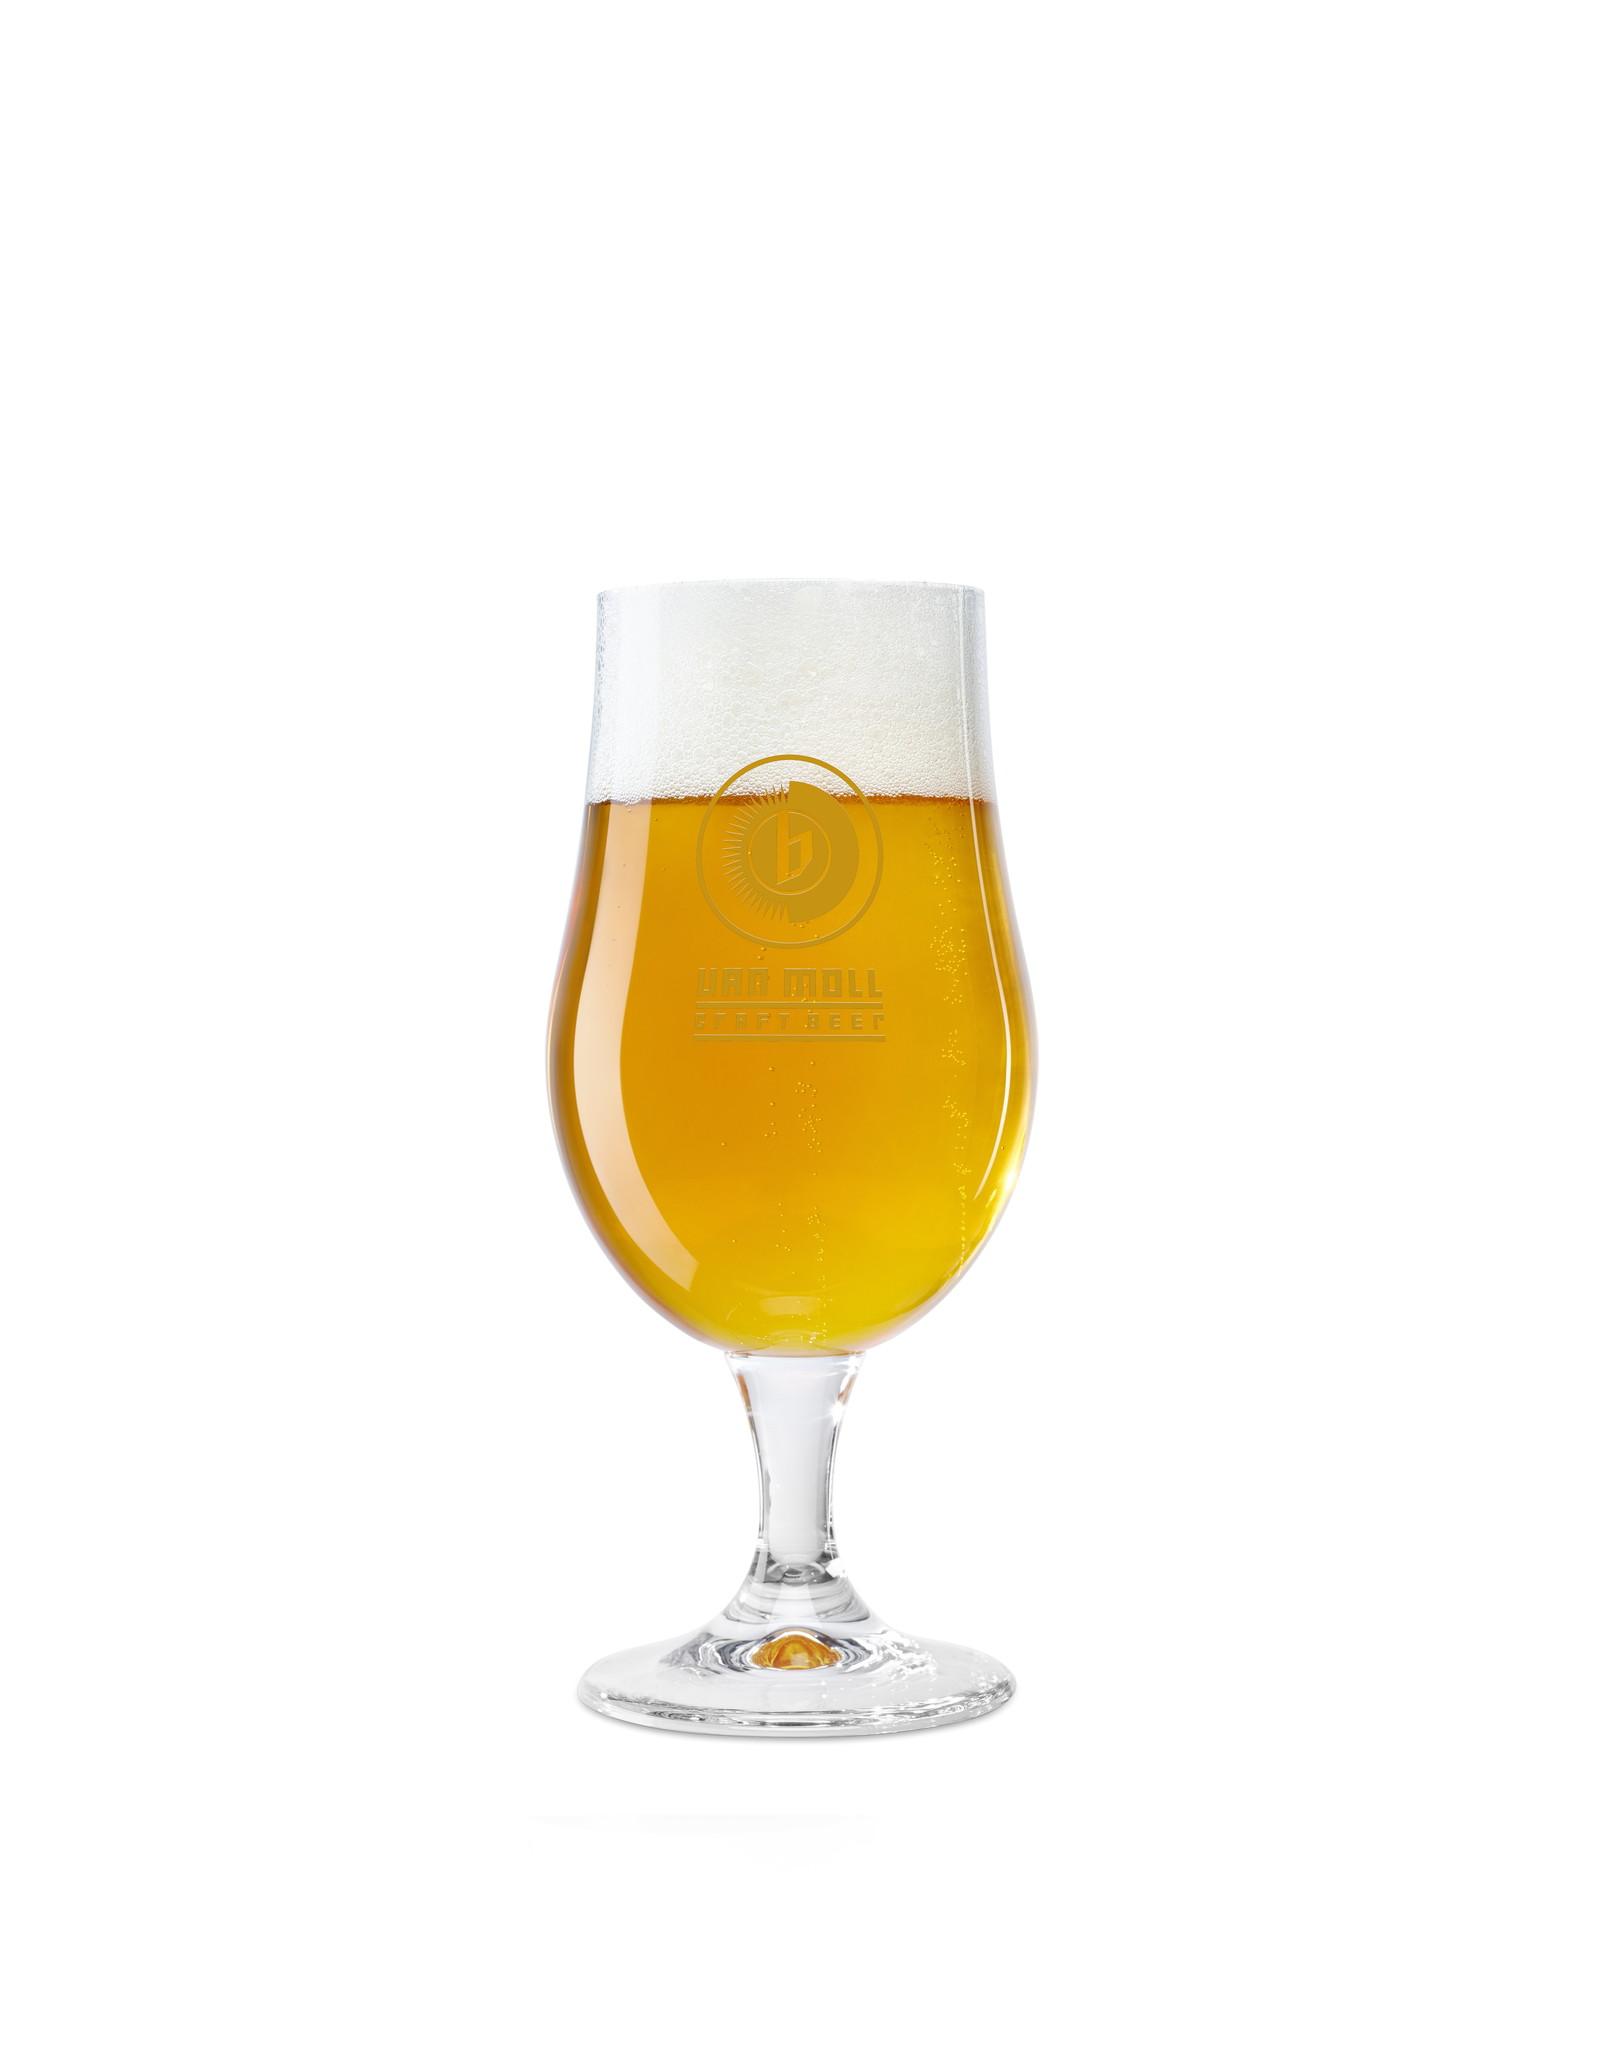 Van Moll 33cl beer glass